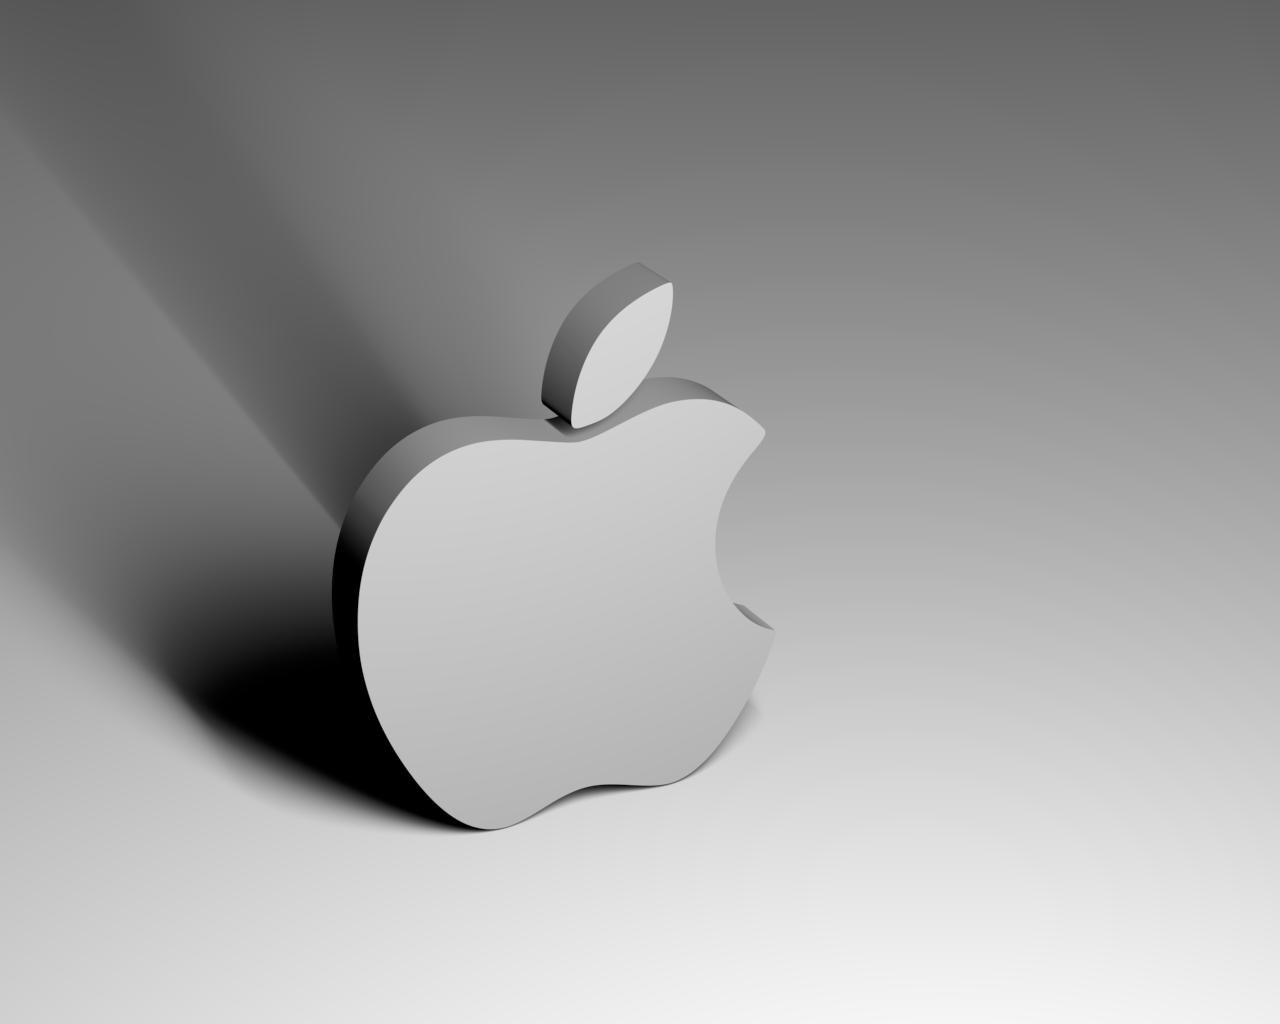 Предсказаны главные анонсы apple на 2013